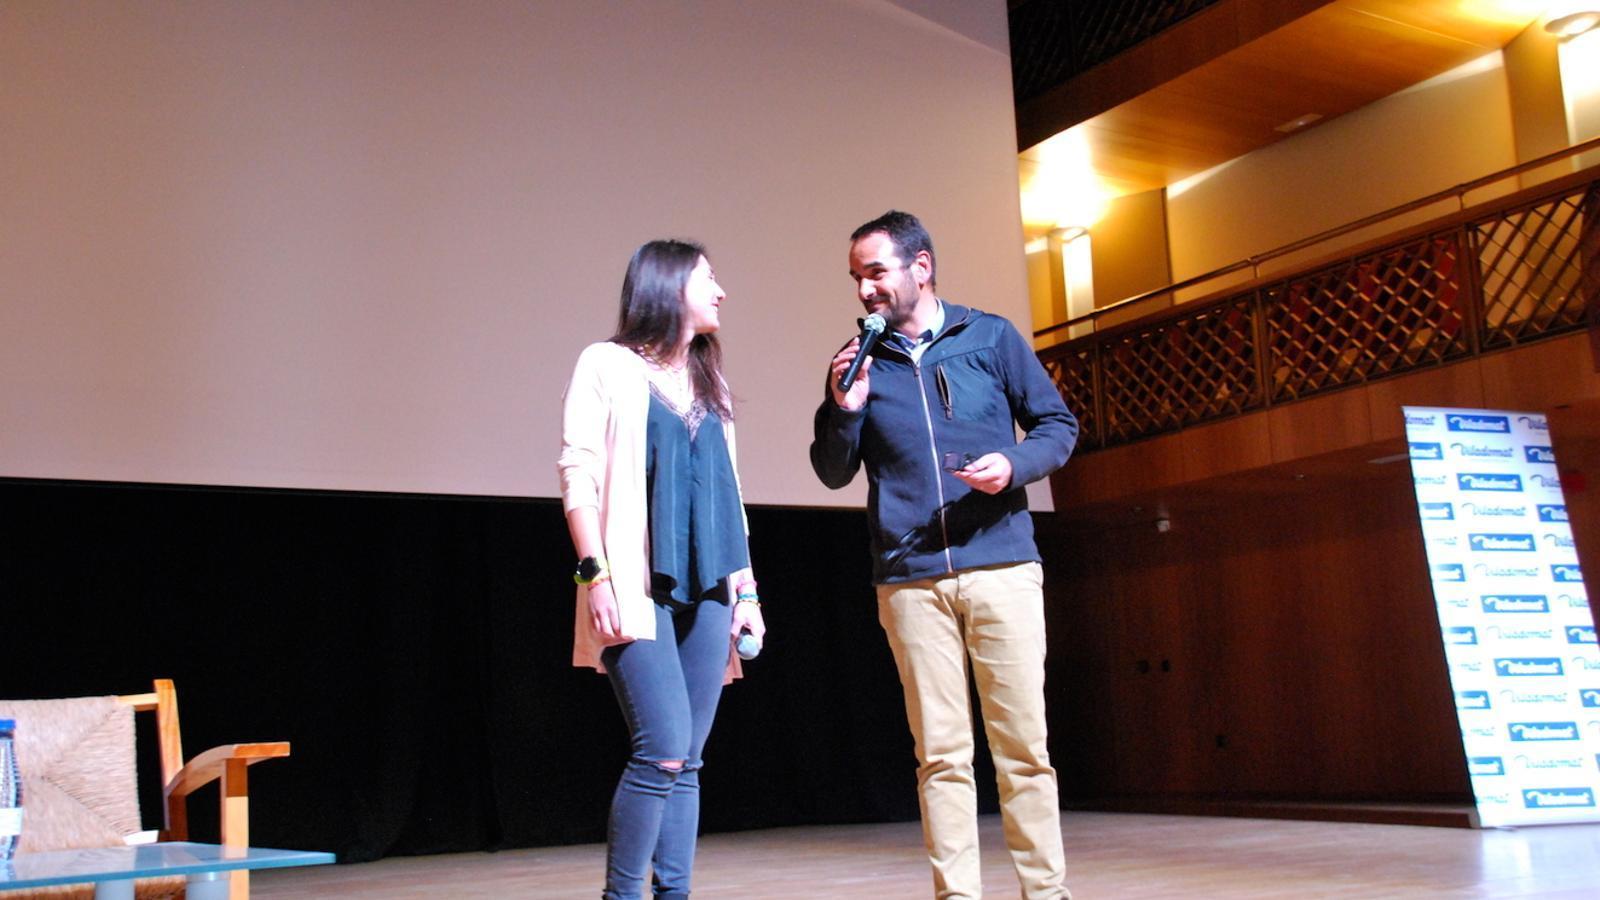 Estefania Troguet i el conseller de Turisme, Esports i Dinamització del comú d'Ordino, Jordi Serracanta, presenten el documental 'Guanyant alçada'. / C. G. (ANA)